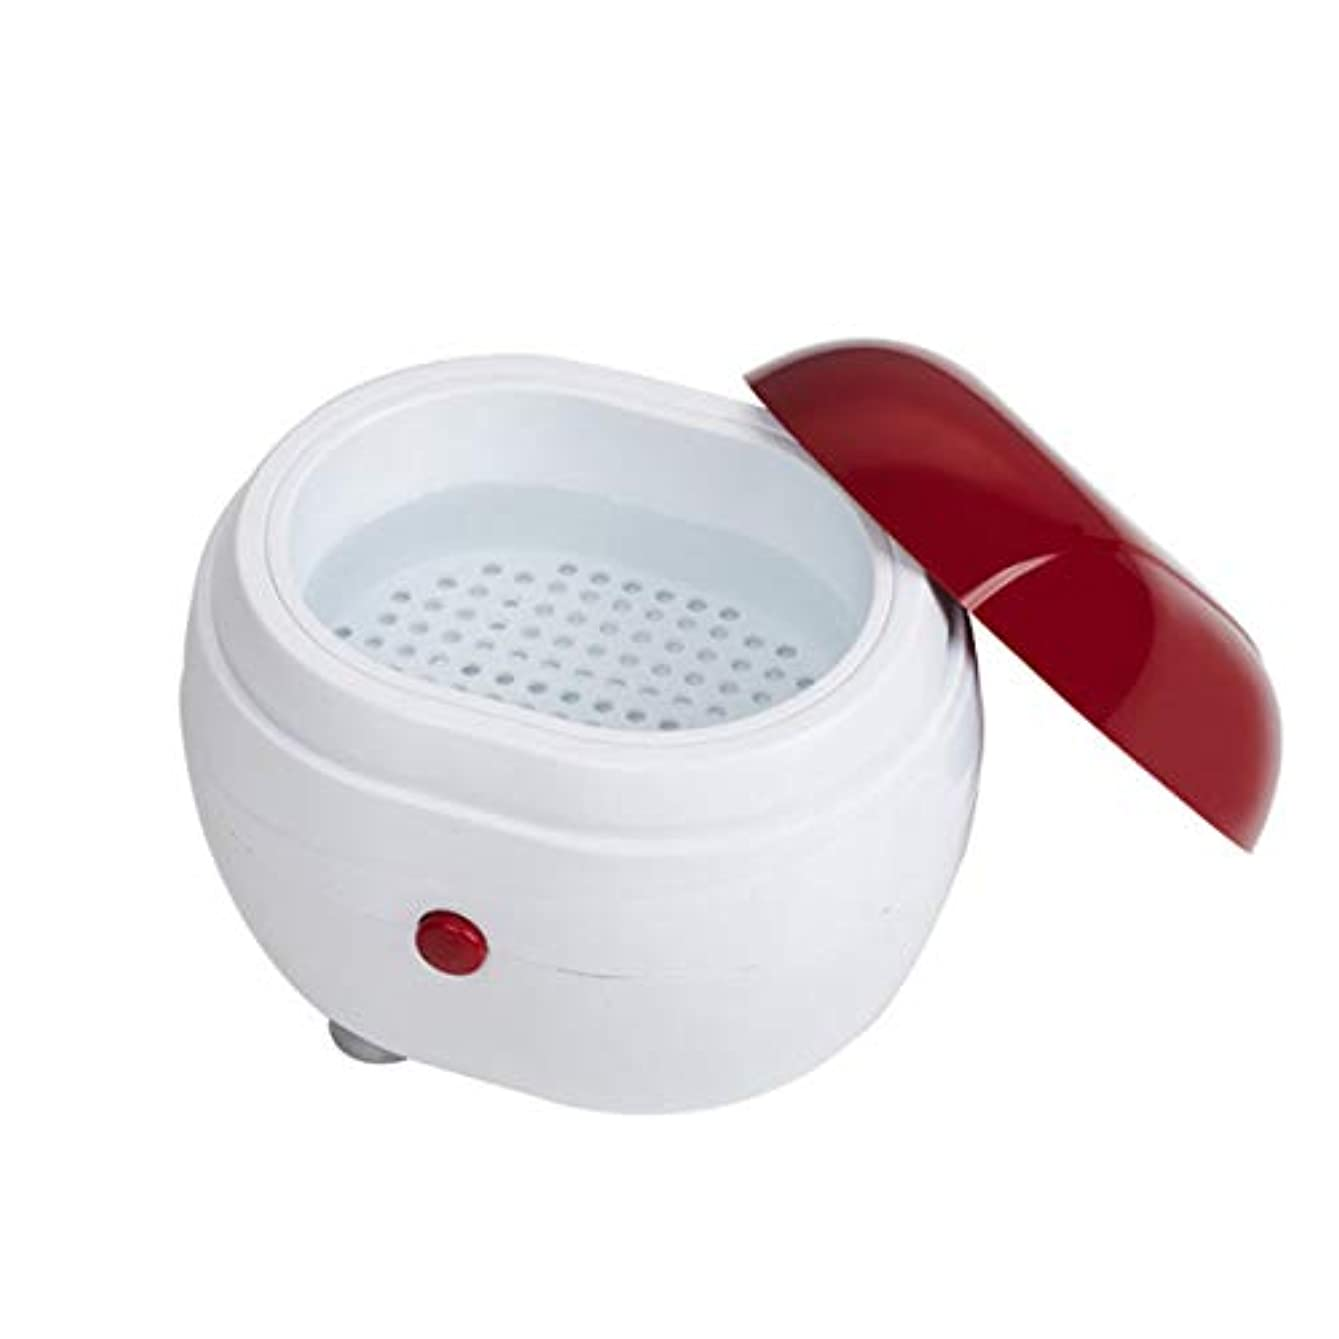 重大ゆでるボアポータブル超音波洗濯機家庭用ジュエリーレンズ時計入れ歯クリーニング機洗濯機クリーナークリーニングボックス - 赤&白